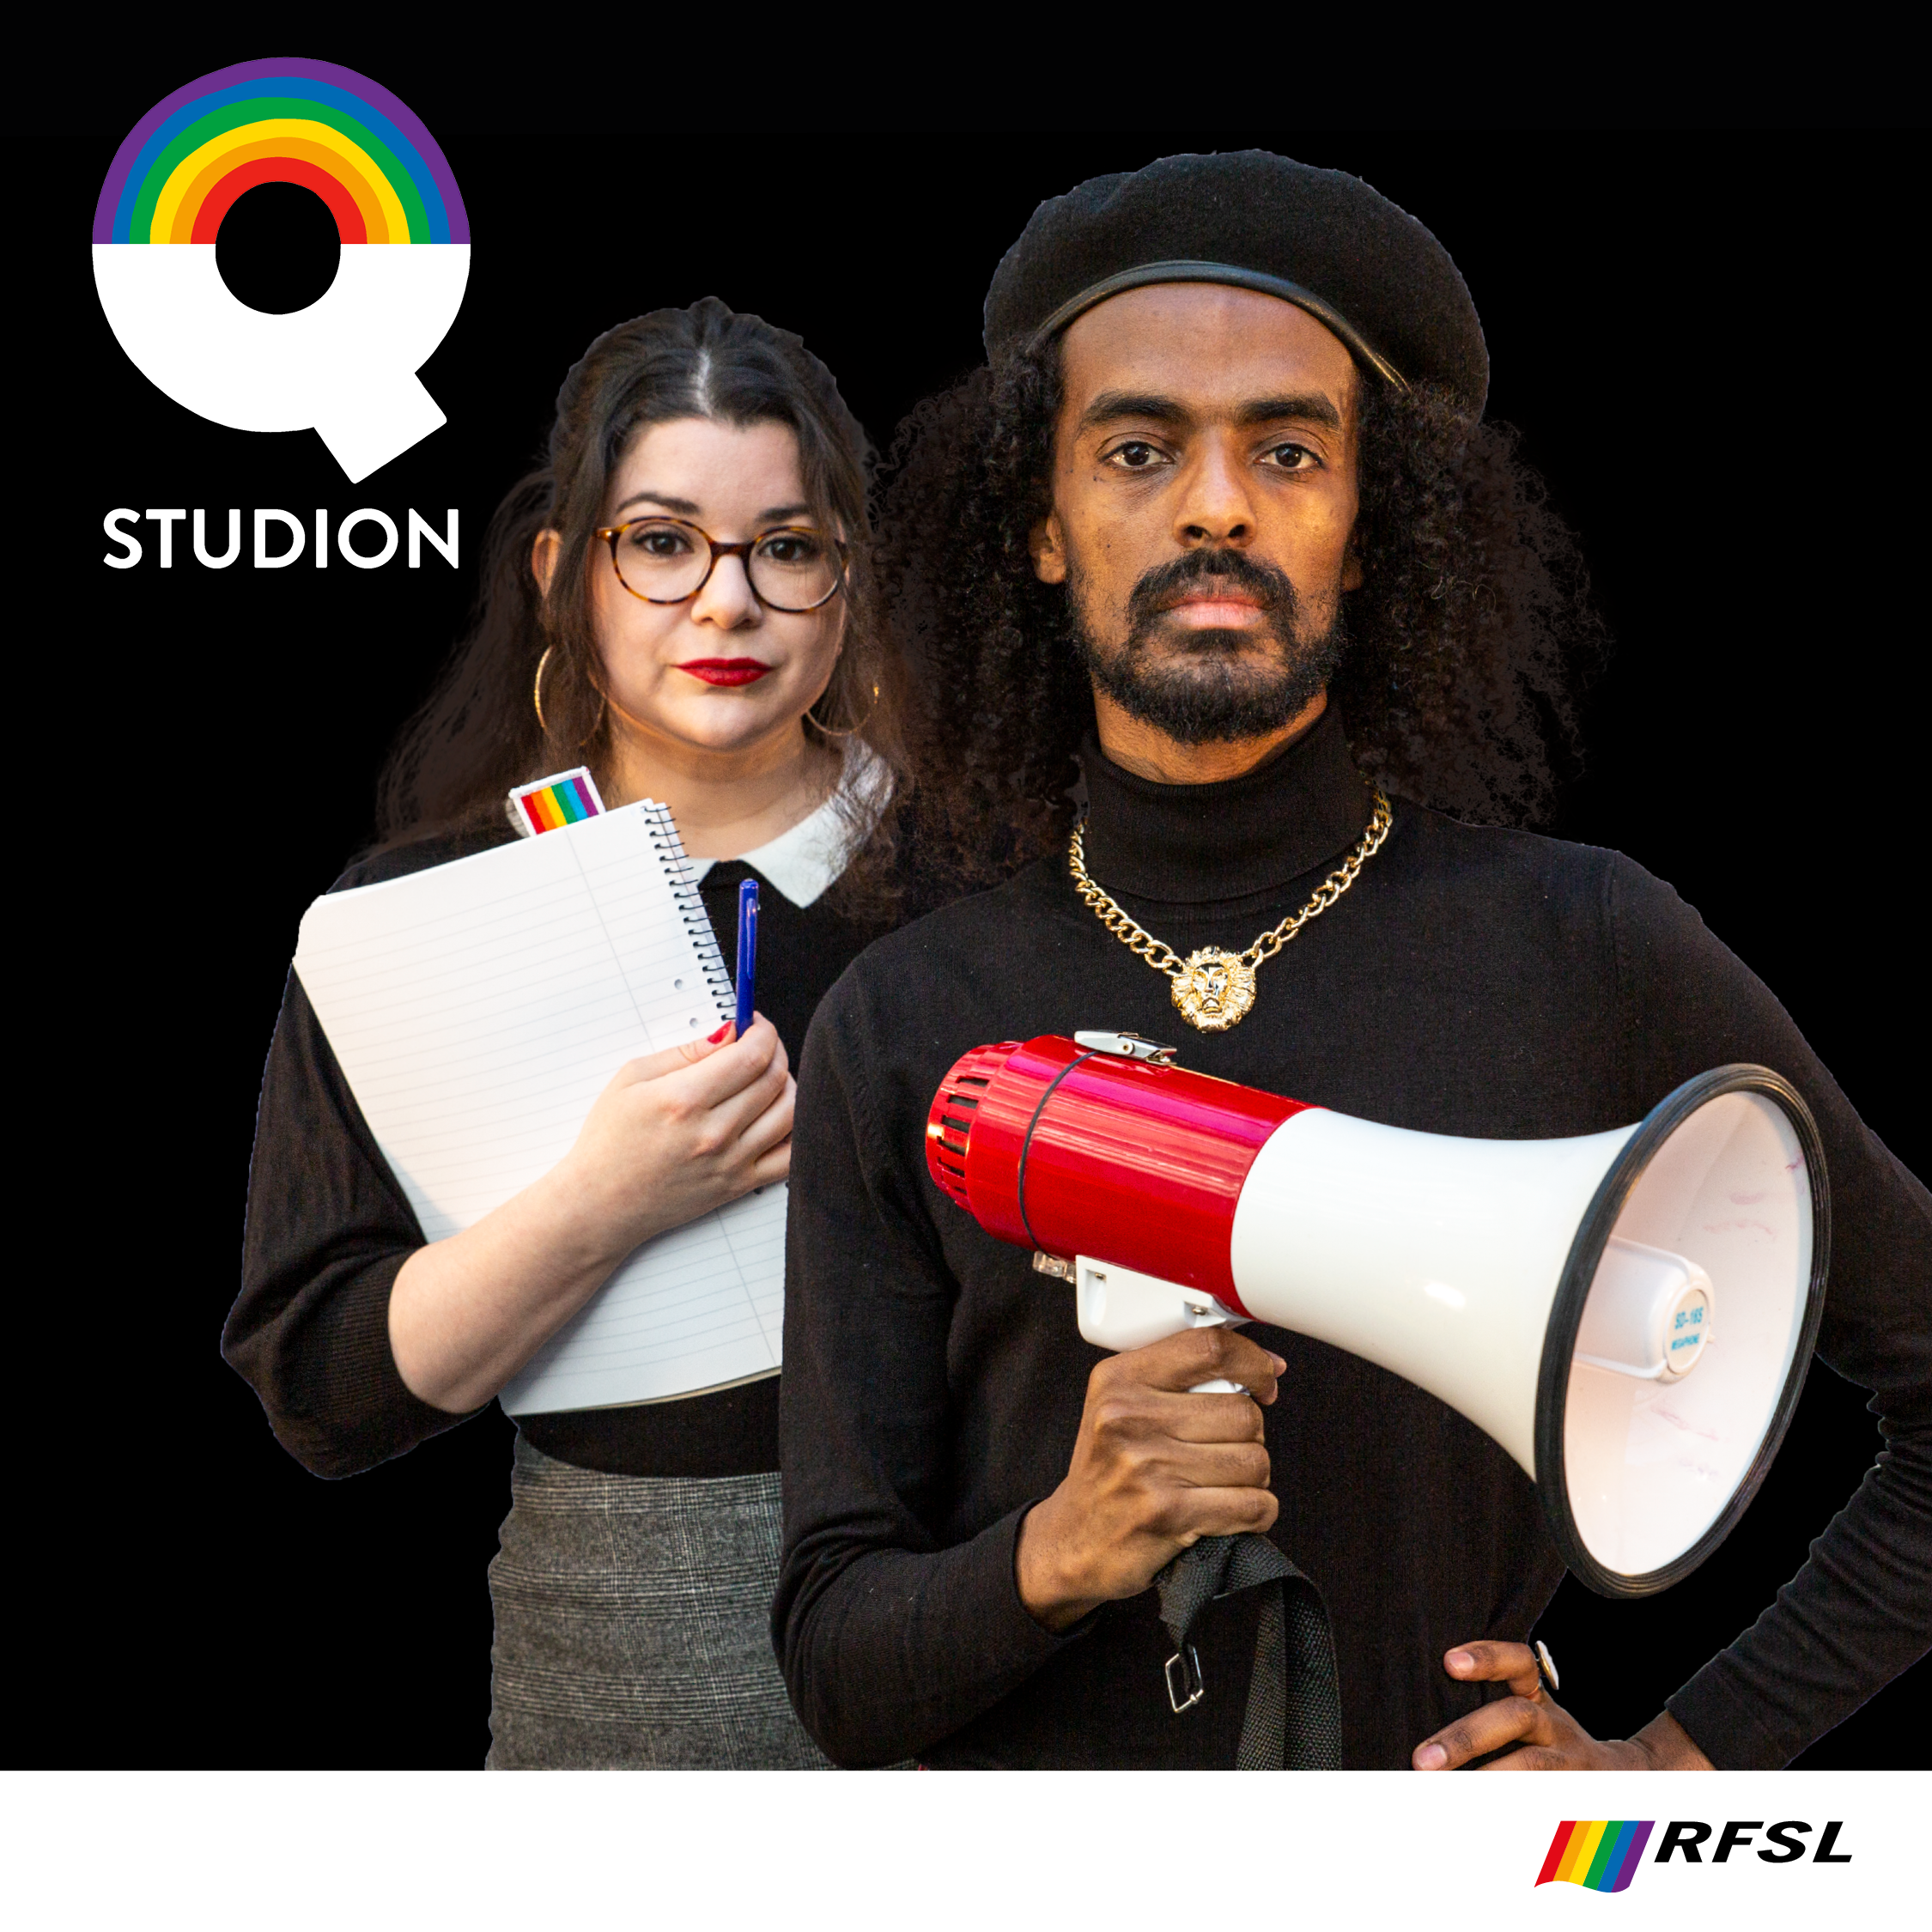 Q-Studion 17. Extra - Hbtqi-aktivism i Brasilien